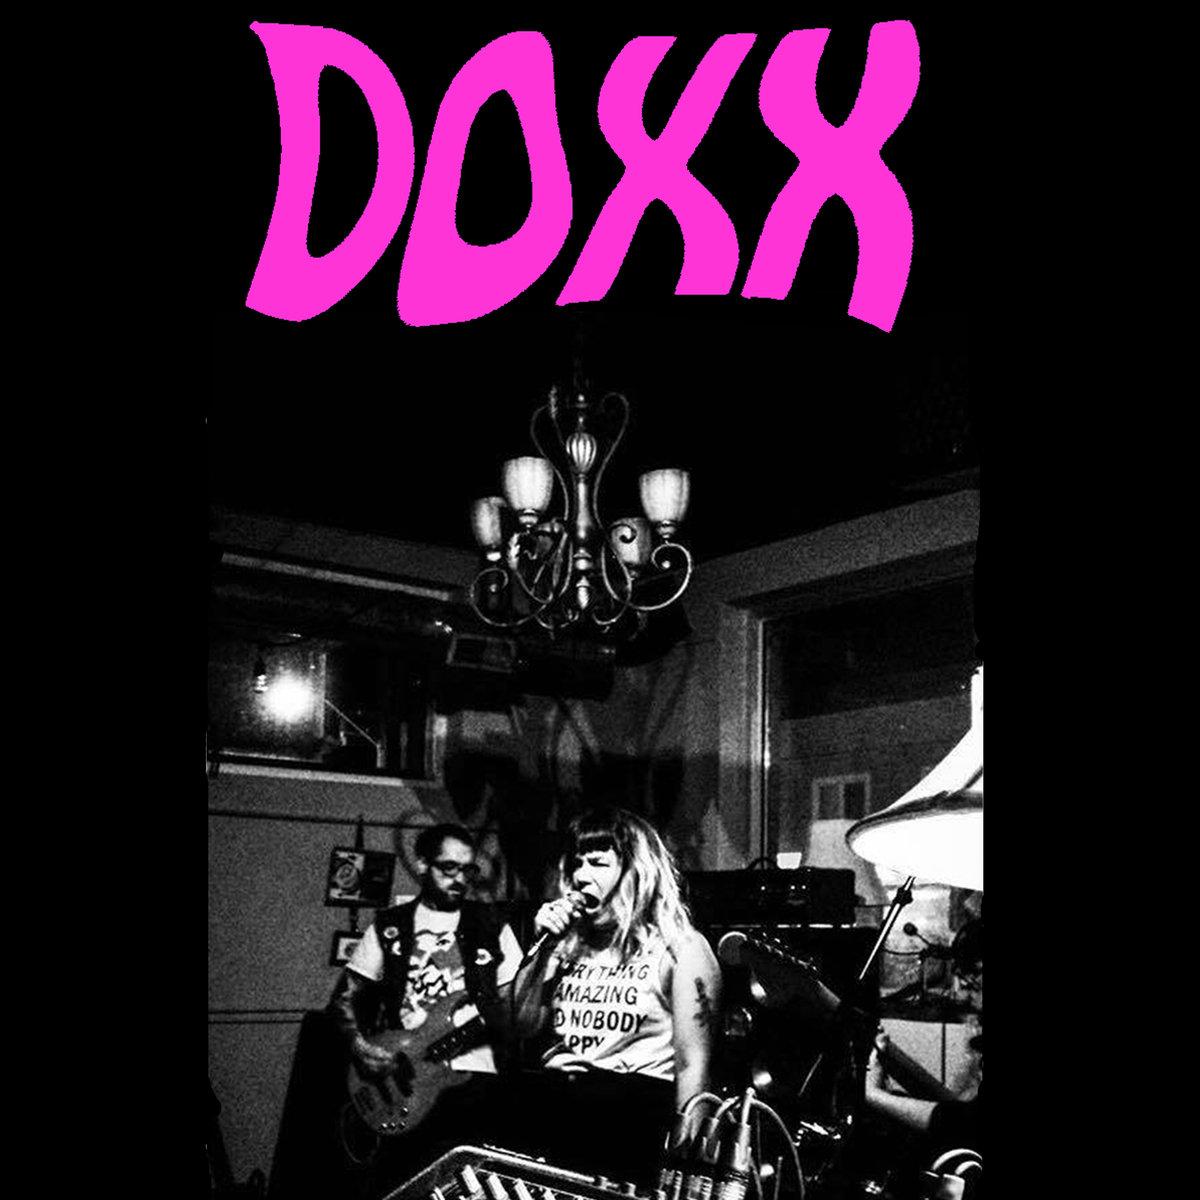 Doxx concert in Nantes